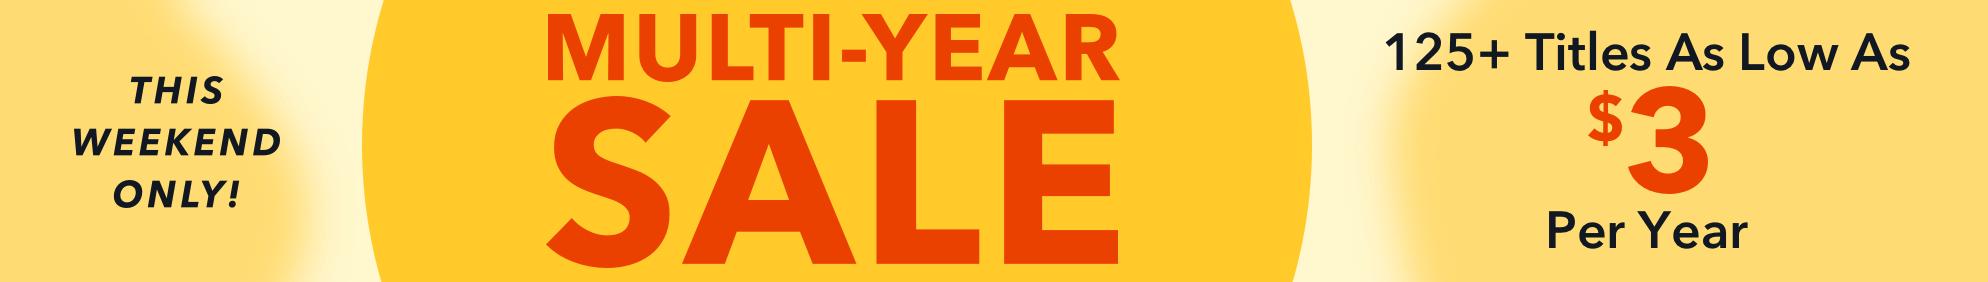 Multi-Year Sale- Jun 18